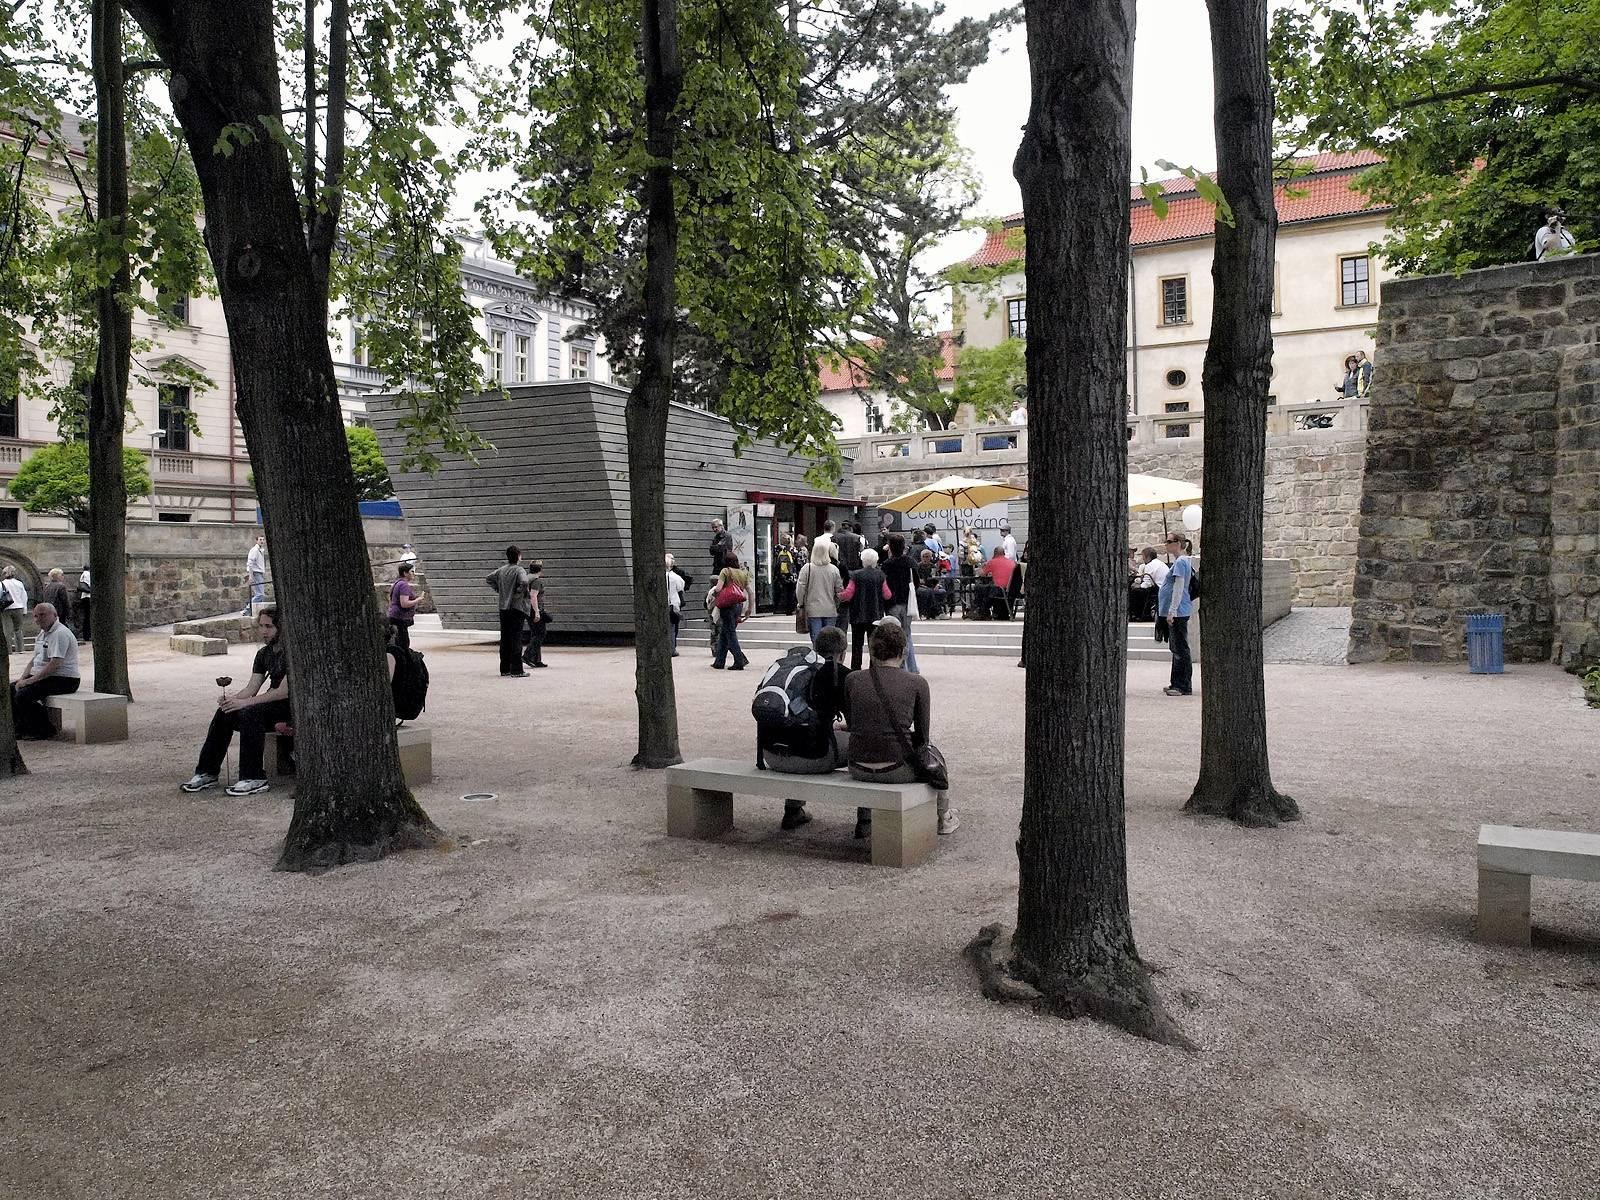 objekt v zámecké zahradě   Jičín   09